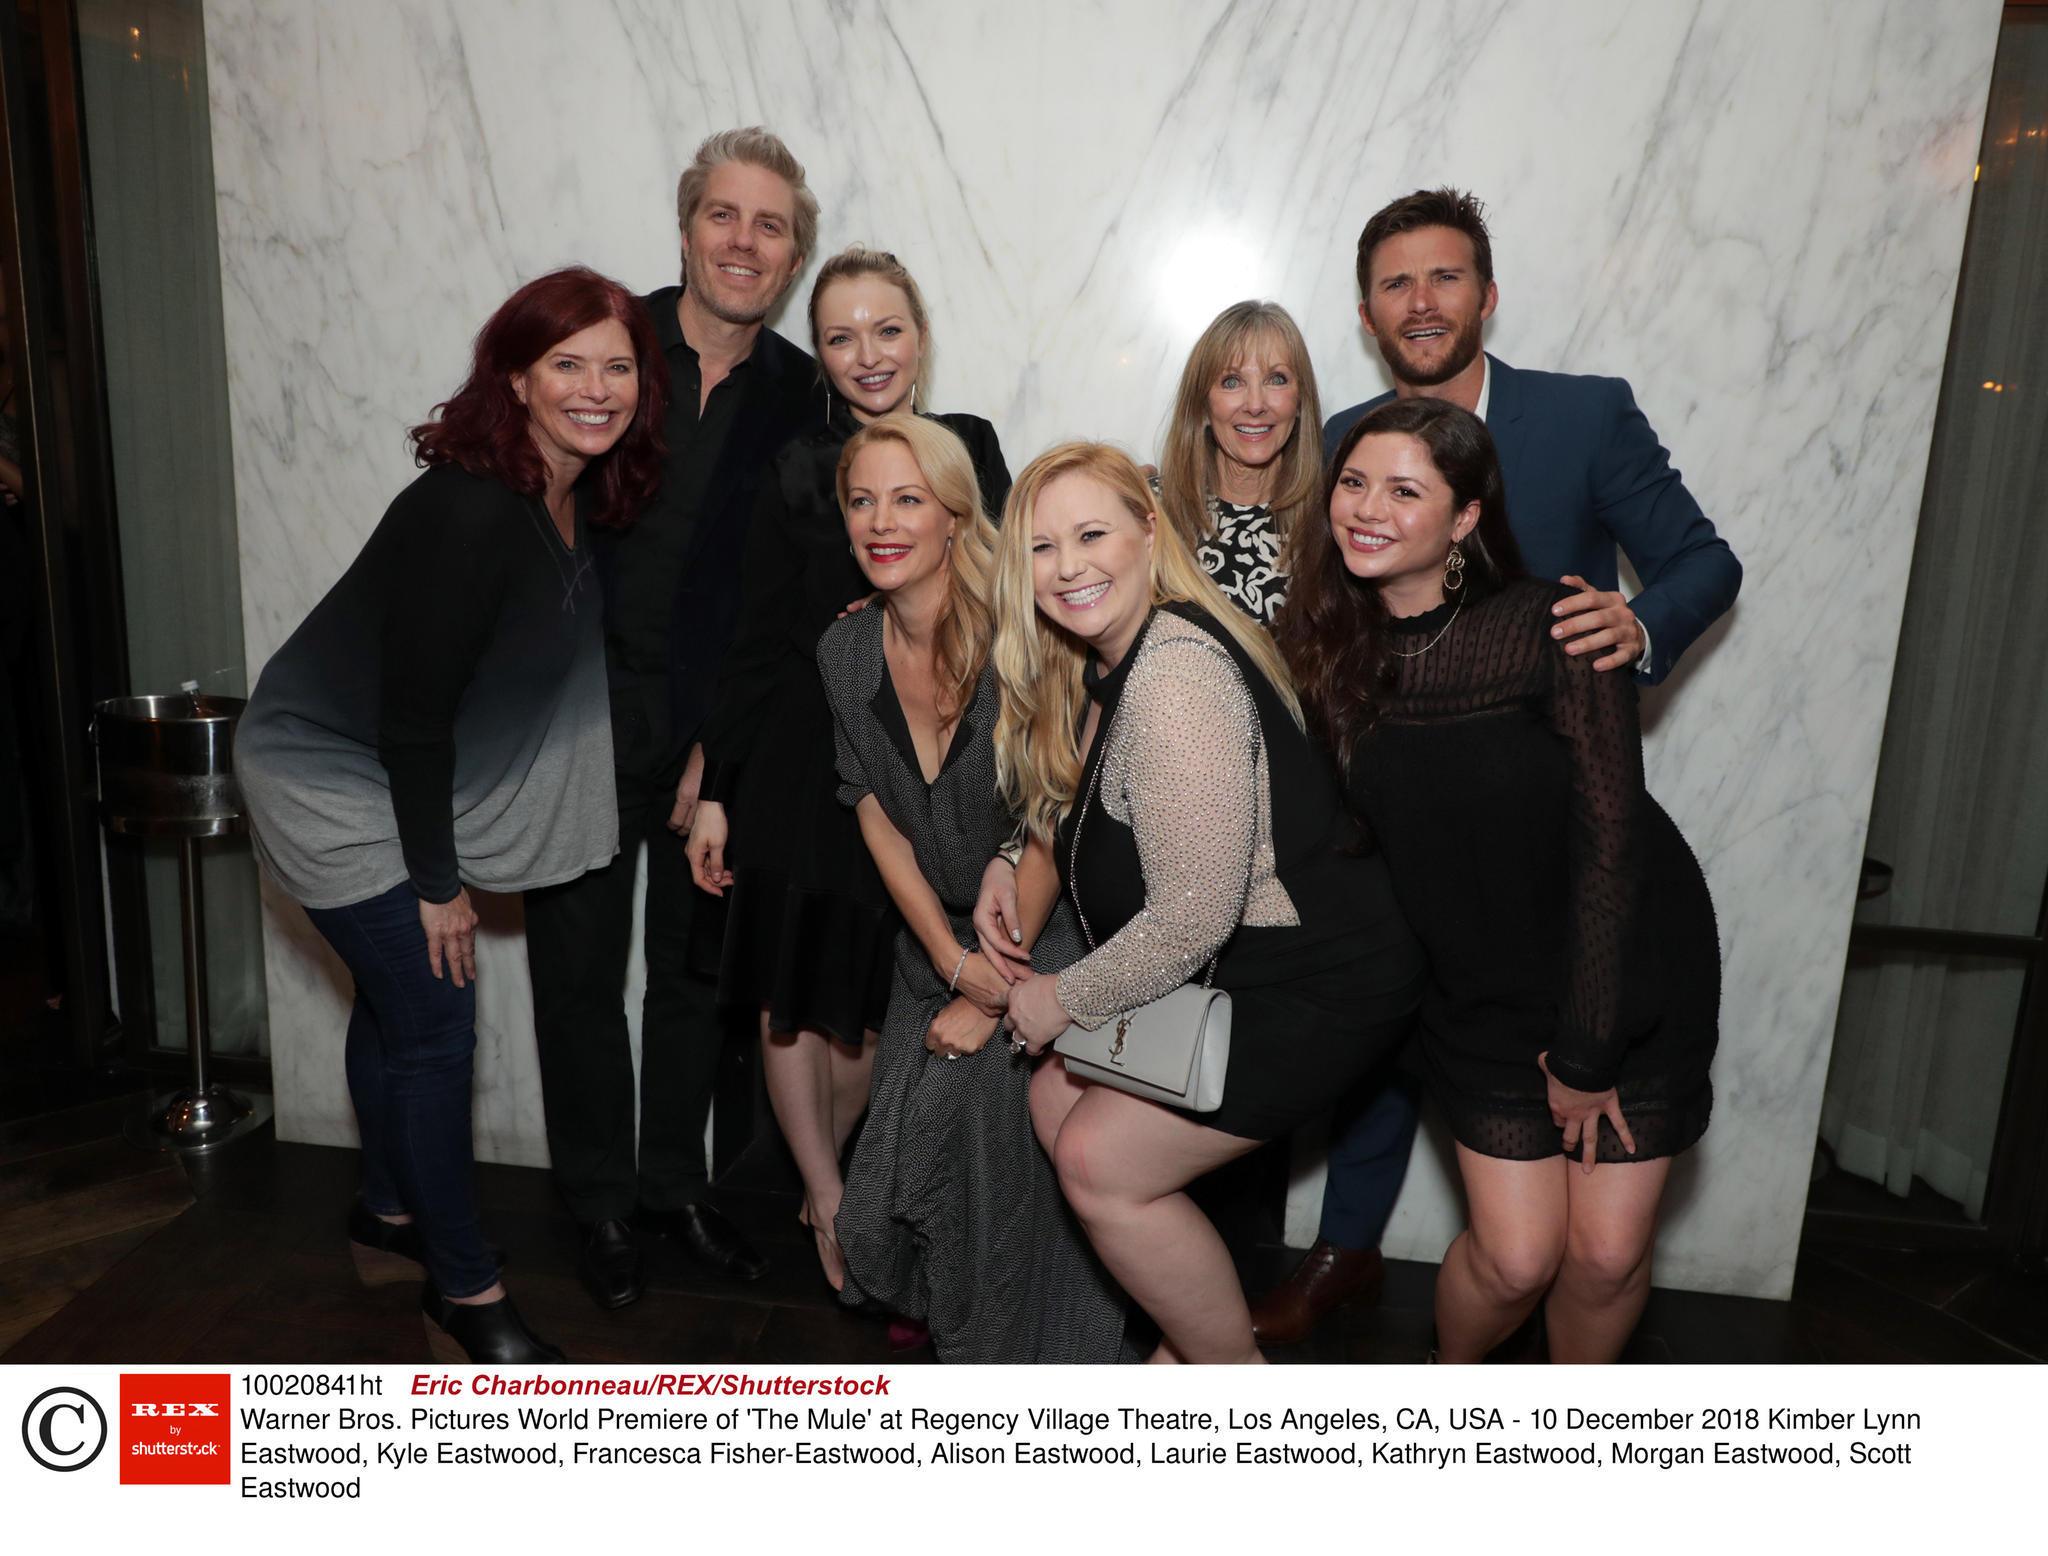 Das gab es noch nie! Alle acht Kinder von Clint Eastwood auf einem Bild.